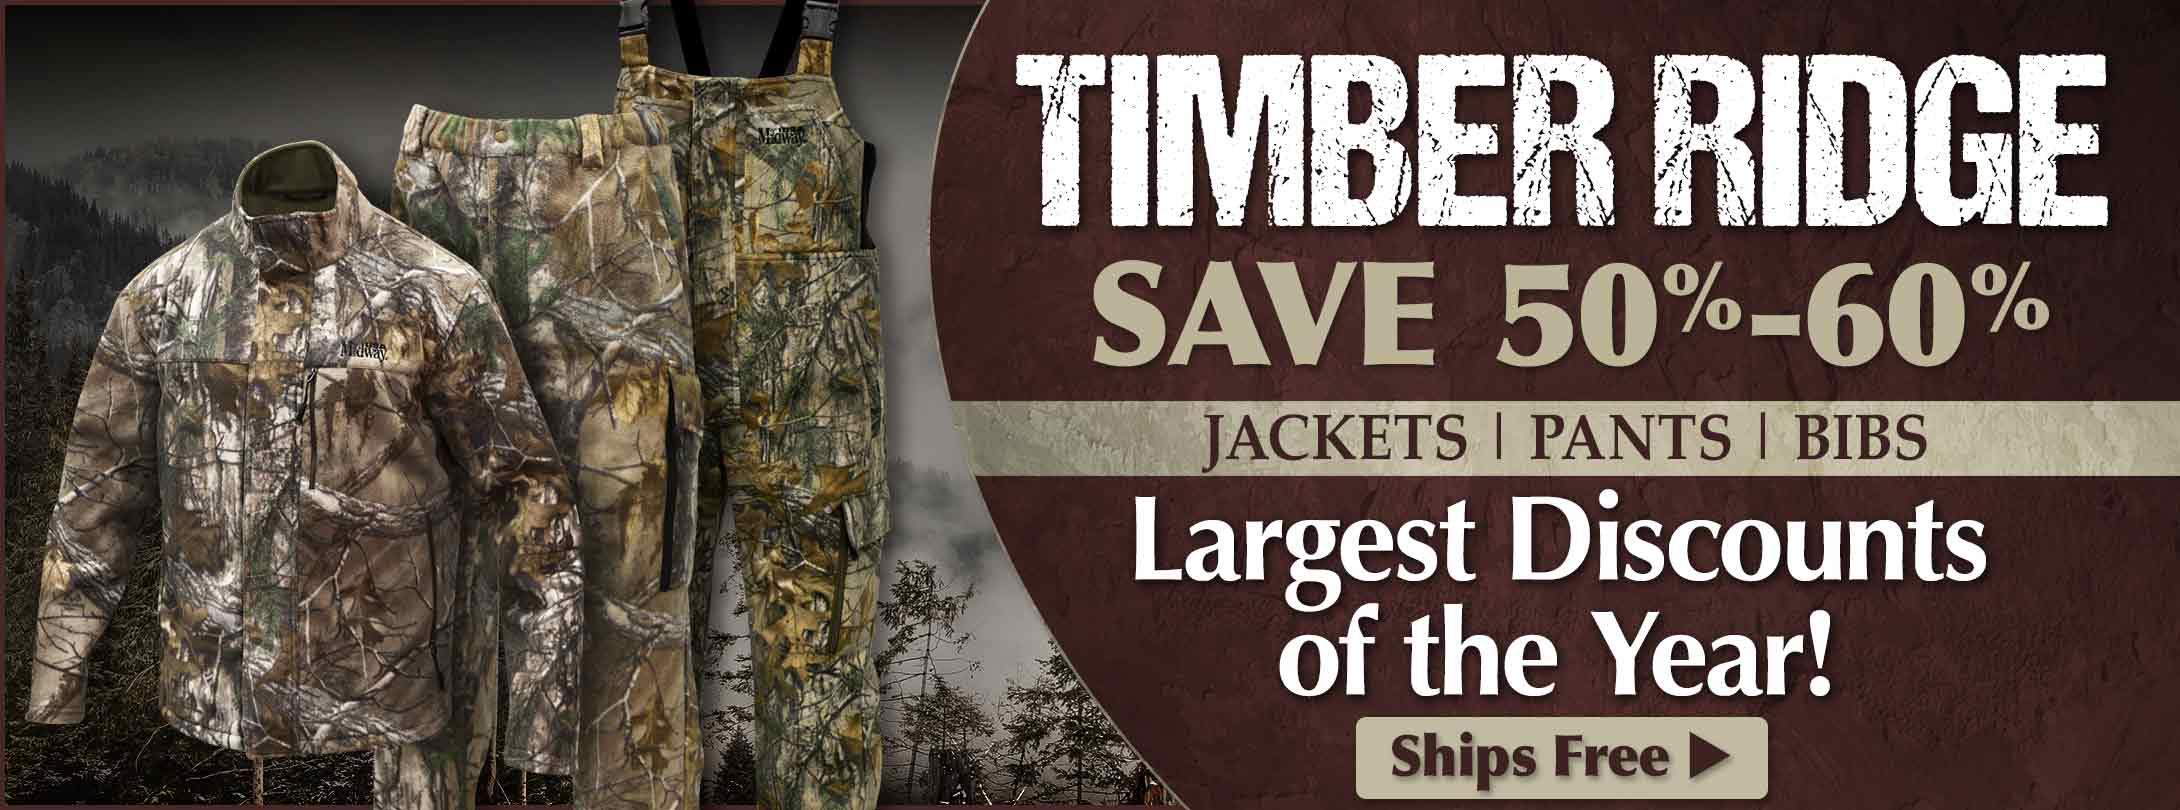 Save on Timber Ridge Clothing